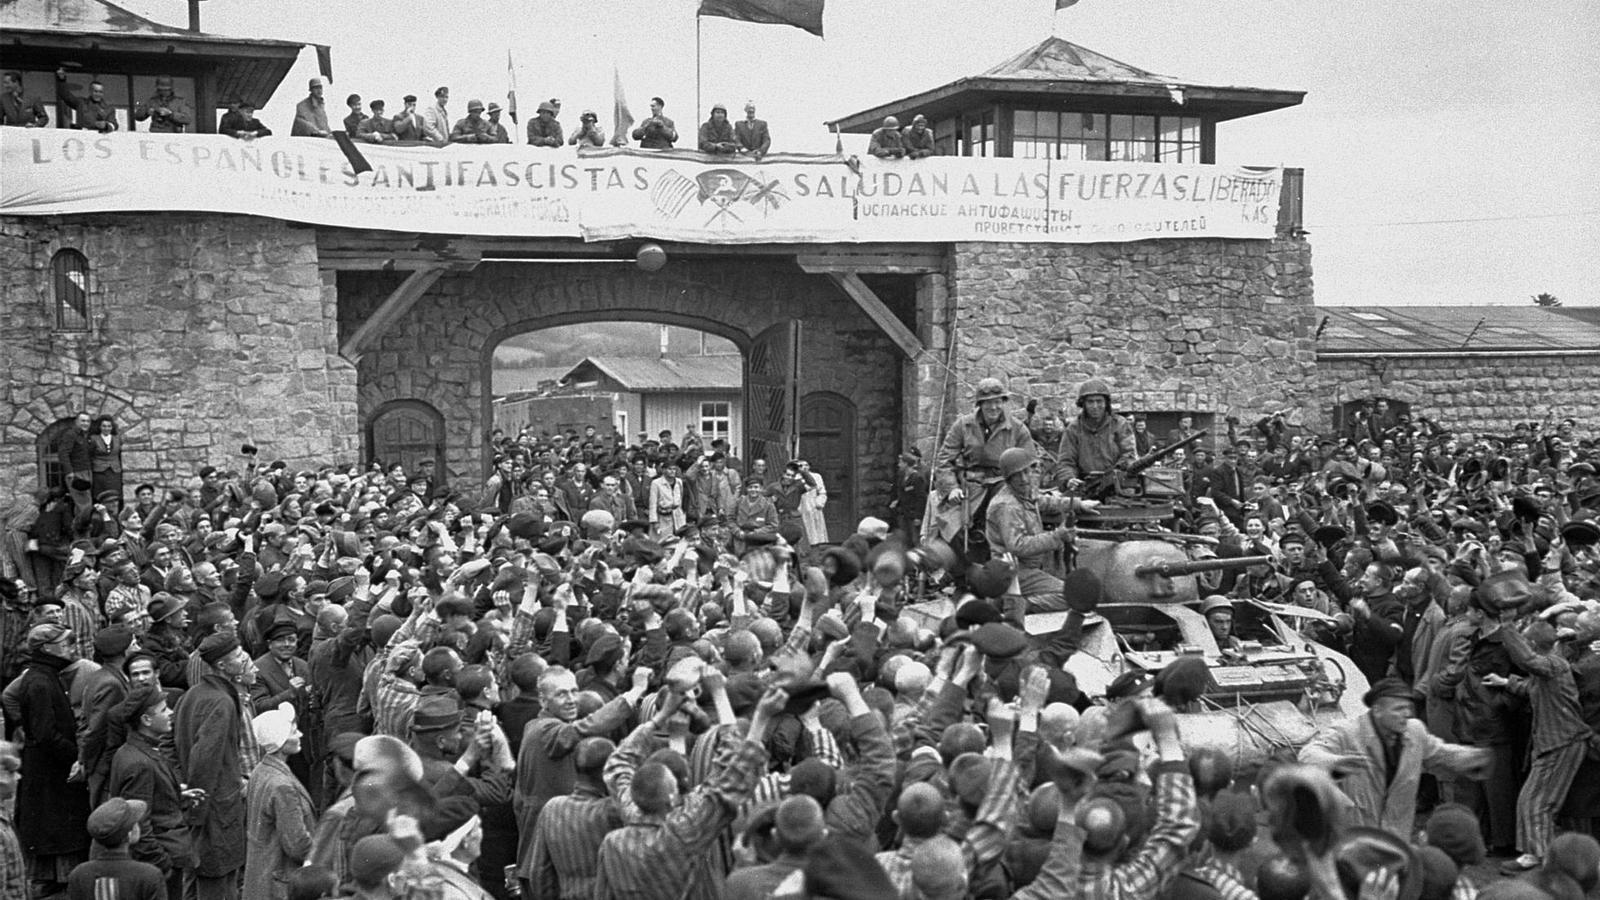 Una imatge de l'alliberament de Mauthausen. / GETTY IMAGES